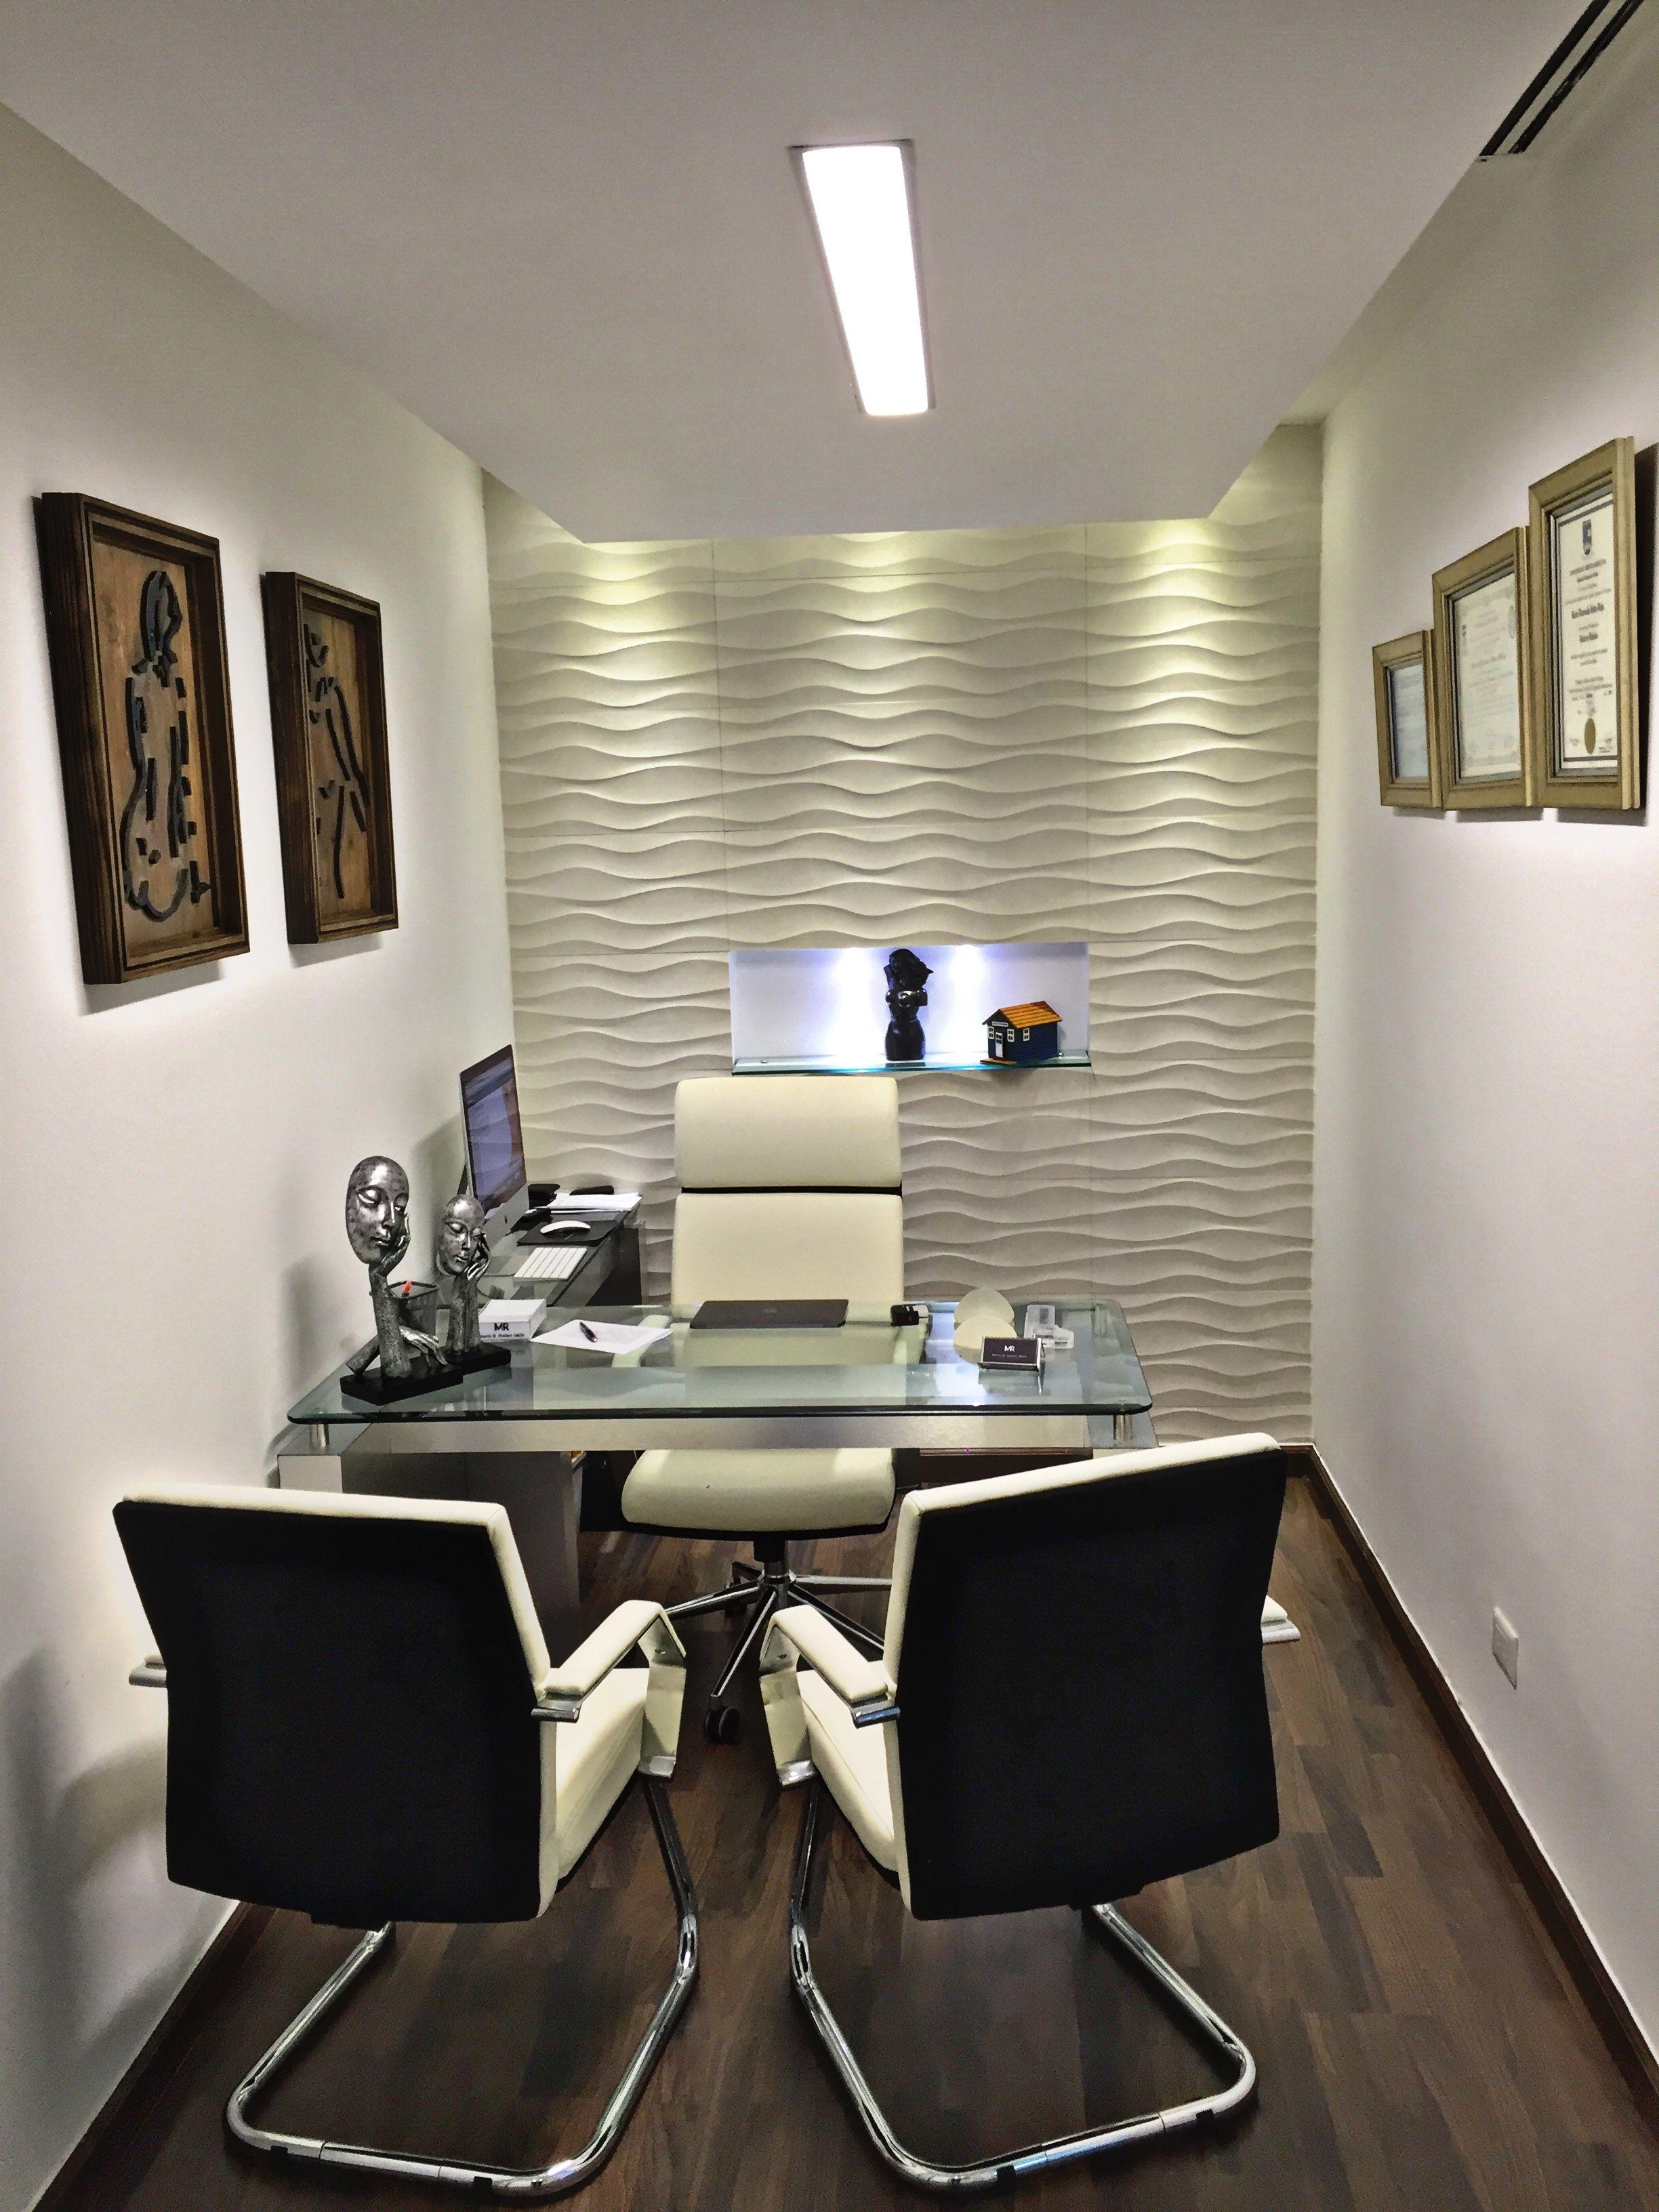 Dr. Office - Santo Domingo Dominican Republic. #